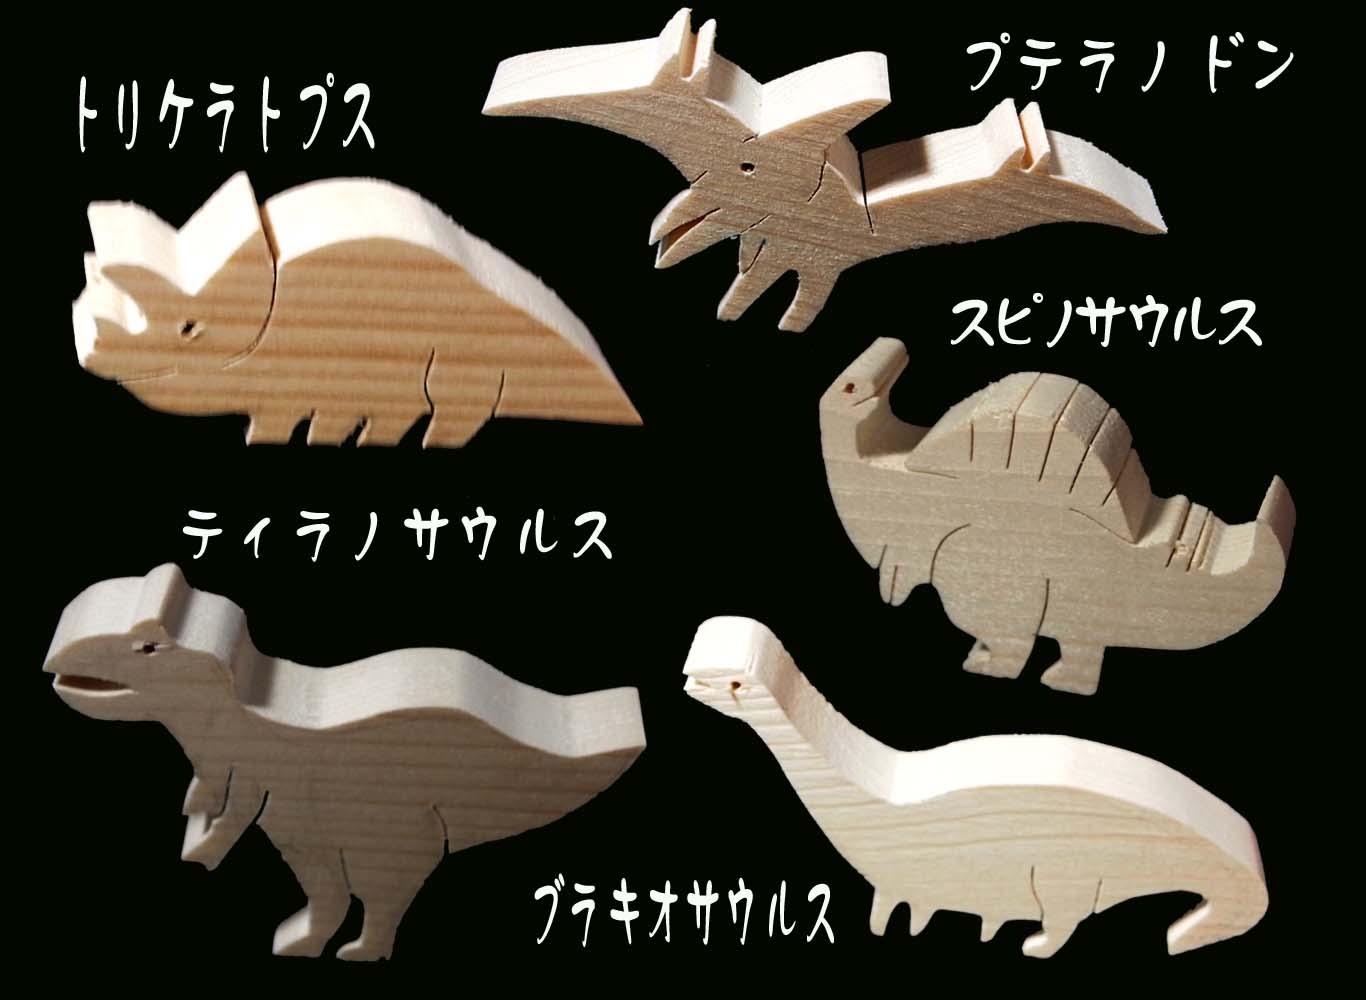 なまえ恐竜